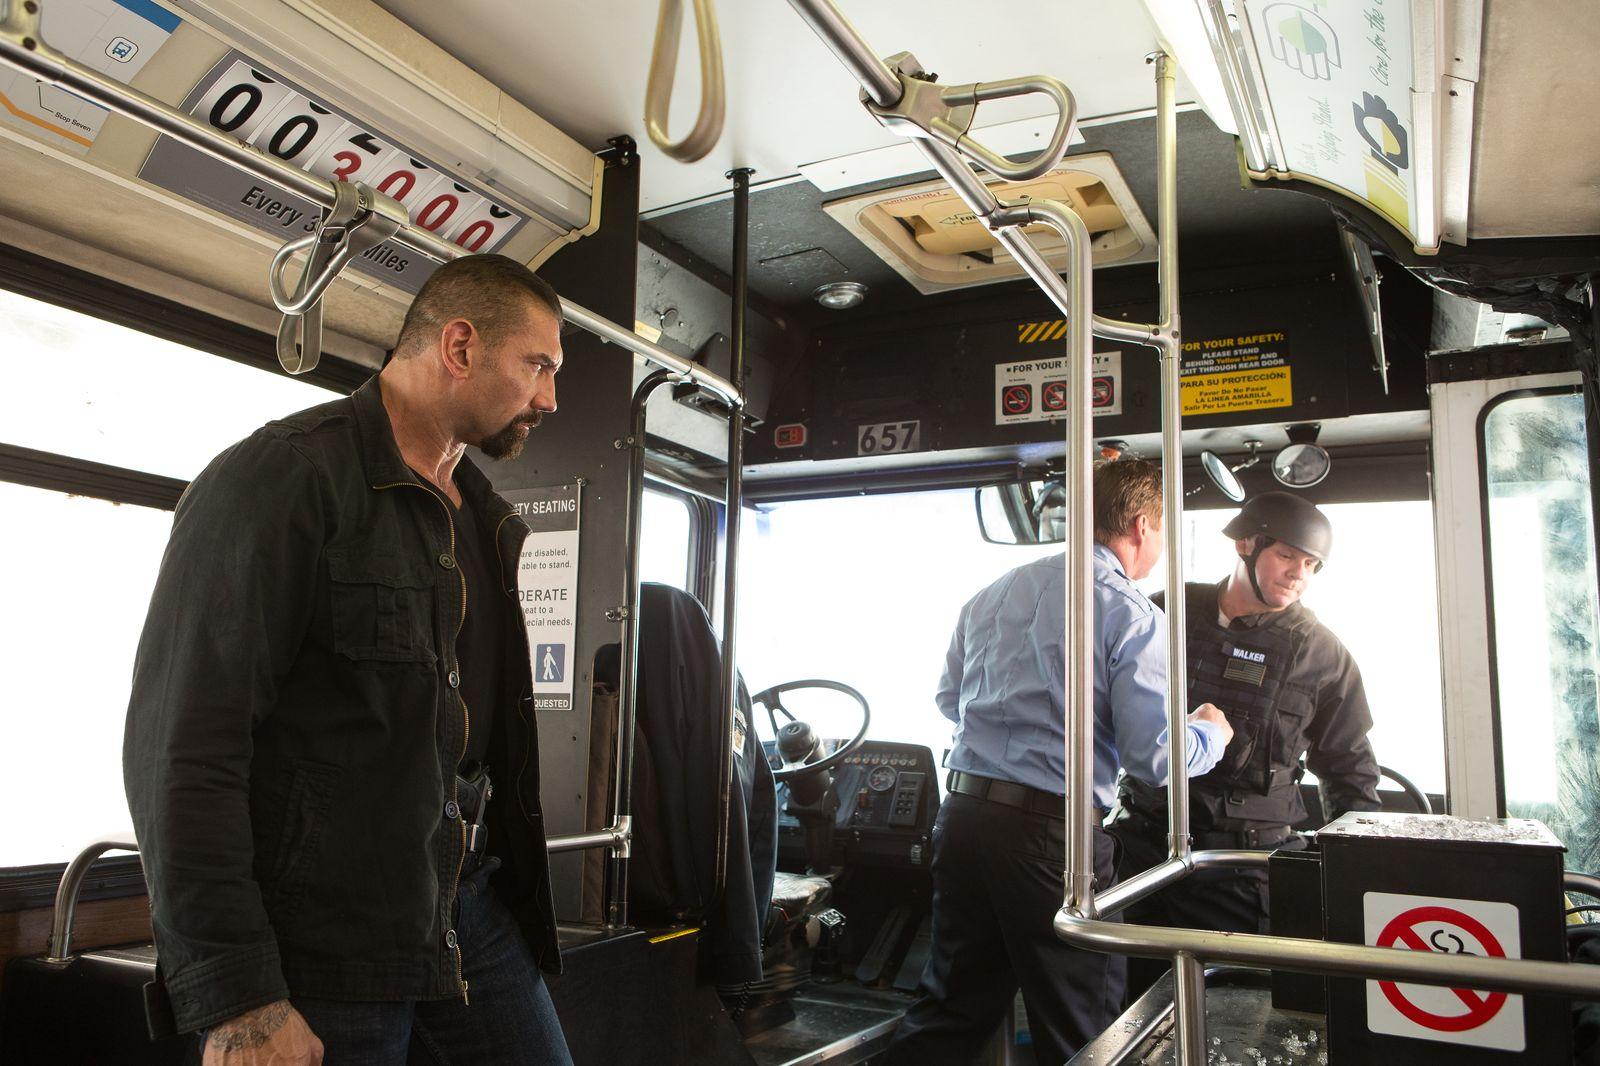 Скачать фильм скорость. Автобус 657 через торрент.